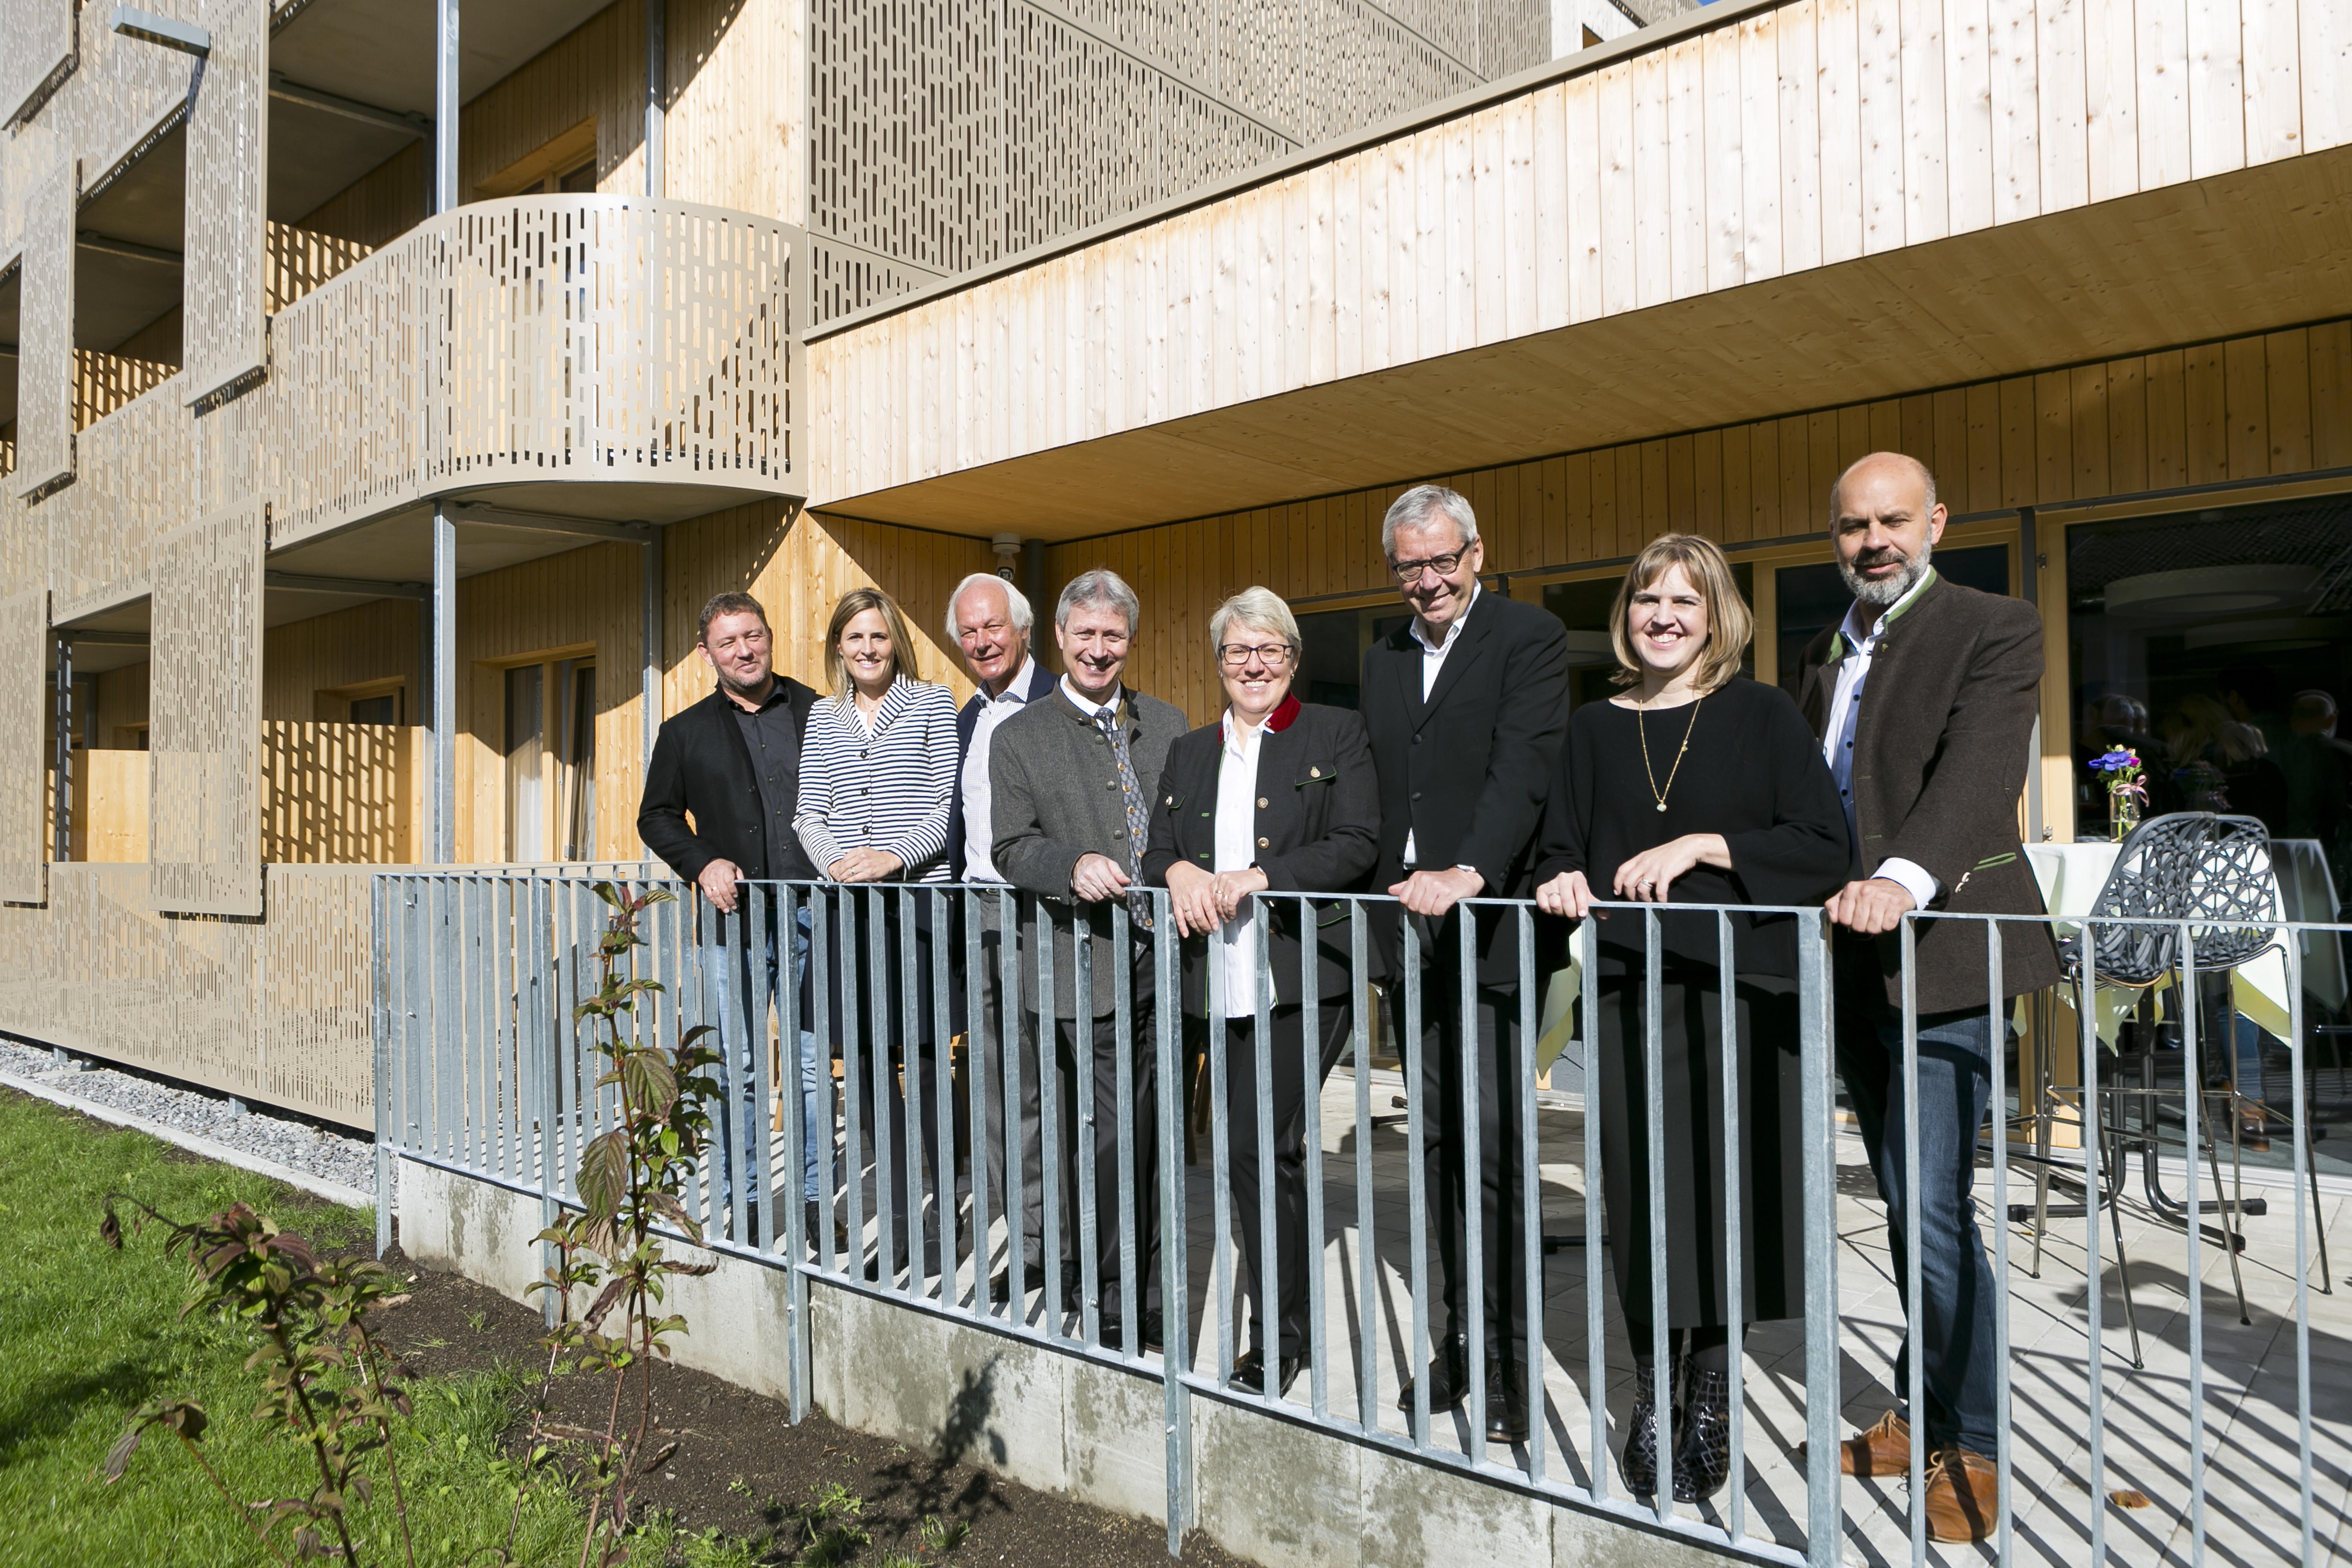 https://www.apa-fotoservice.at/galerie/20671 Architekt Harald Bitschnau, Patricia Rüf (Mitglied des Verwaltungsrates der Liebherr-Int. AG), Karl Weisskopf (Liebherr-Gruppe), Roman Eberhardt (Direktor Löwen Hotel Montafon), Ingrid Muxel (Kfm. Geschäftsführerein Löwen Hotel Montafon), Karlheinz Rüdisser (Landesstatthalter Vorarlberg), Johanna Platt (Mitglied des Verwaltungsrates der Liebherr-Int. AG), Jürgen Kuster (Bürgermeister Schruns)